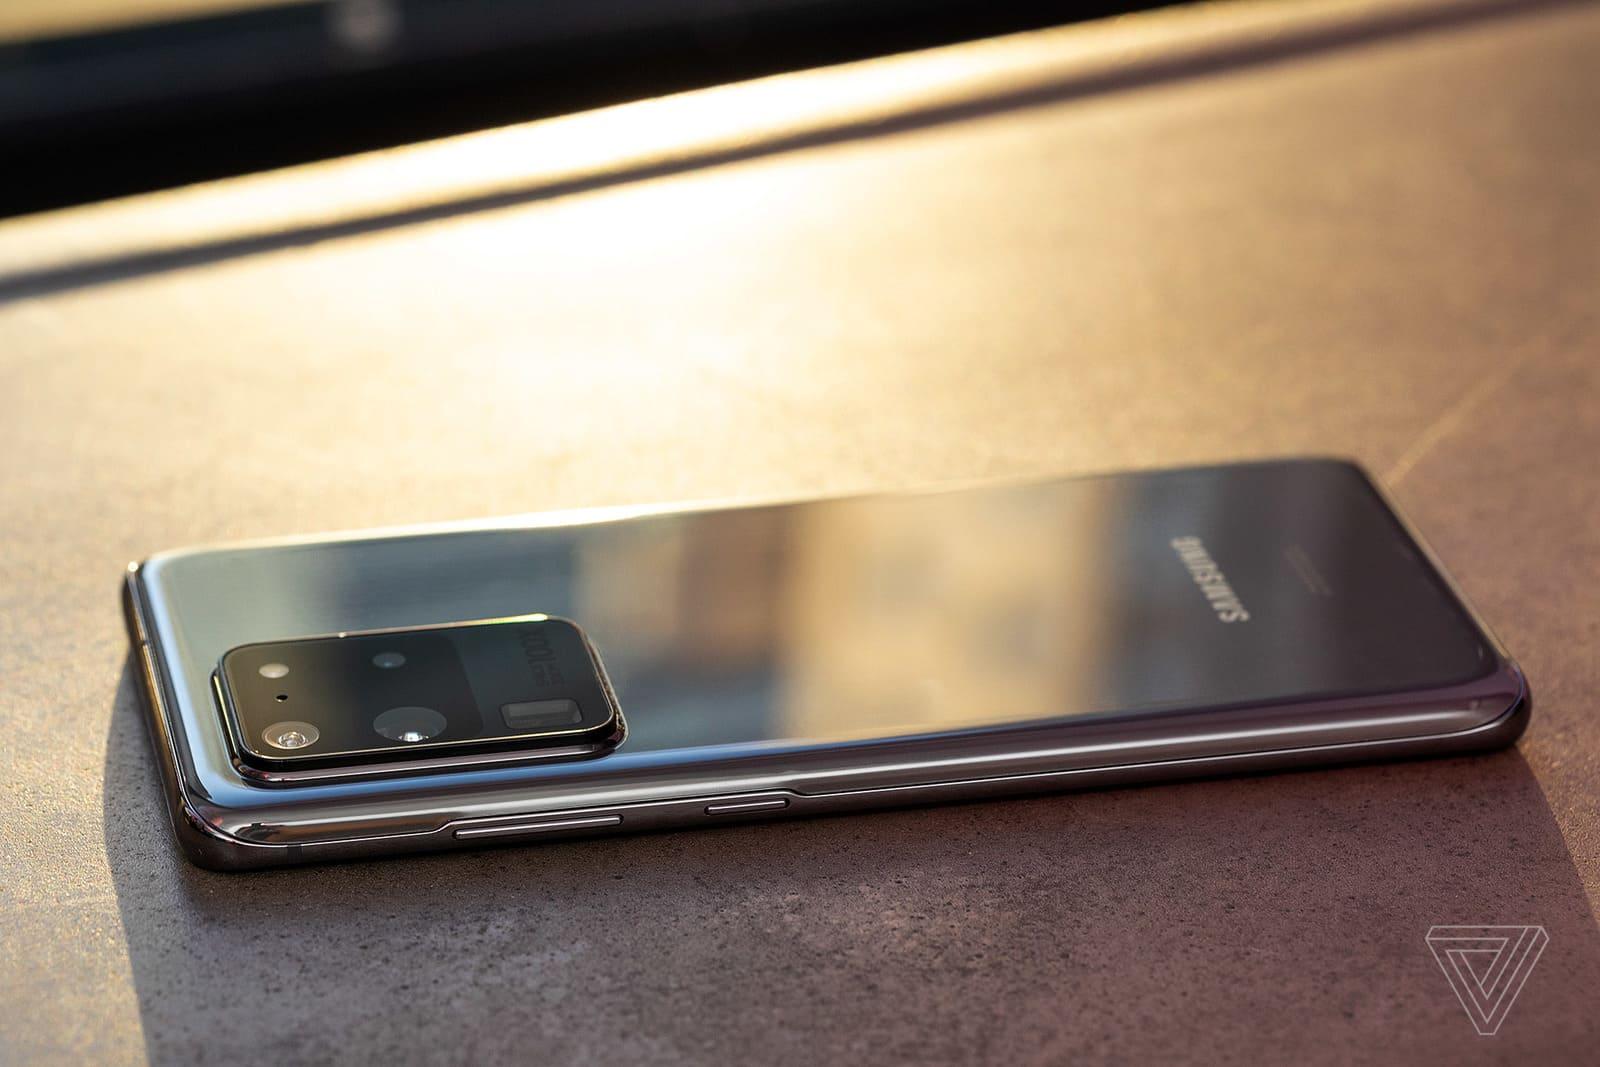 Lợi nhuận của Samsung tăng nhẹ giữa mùa dịch Covid-19